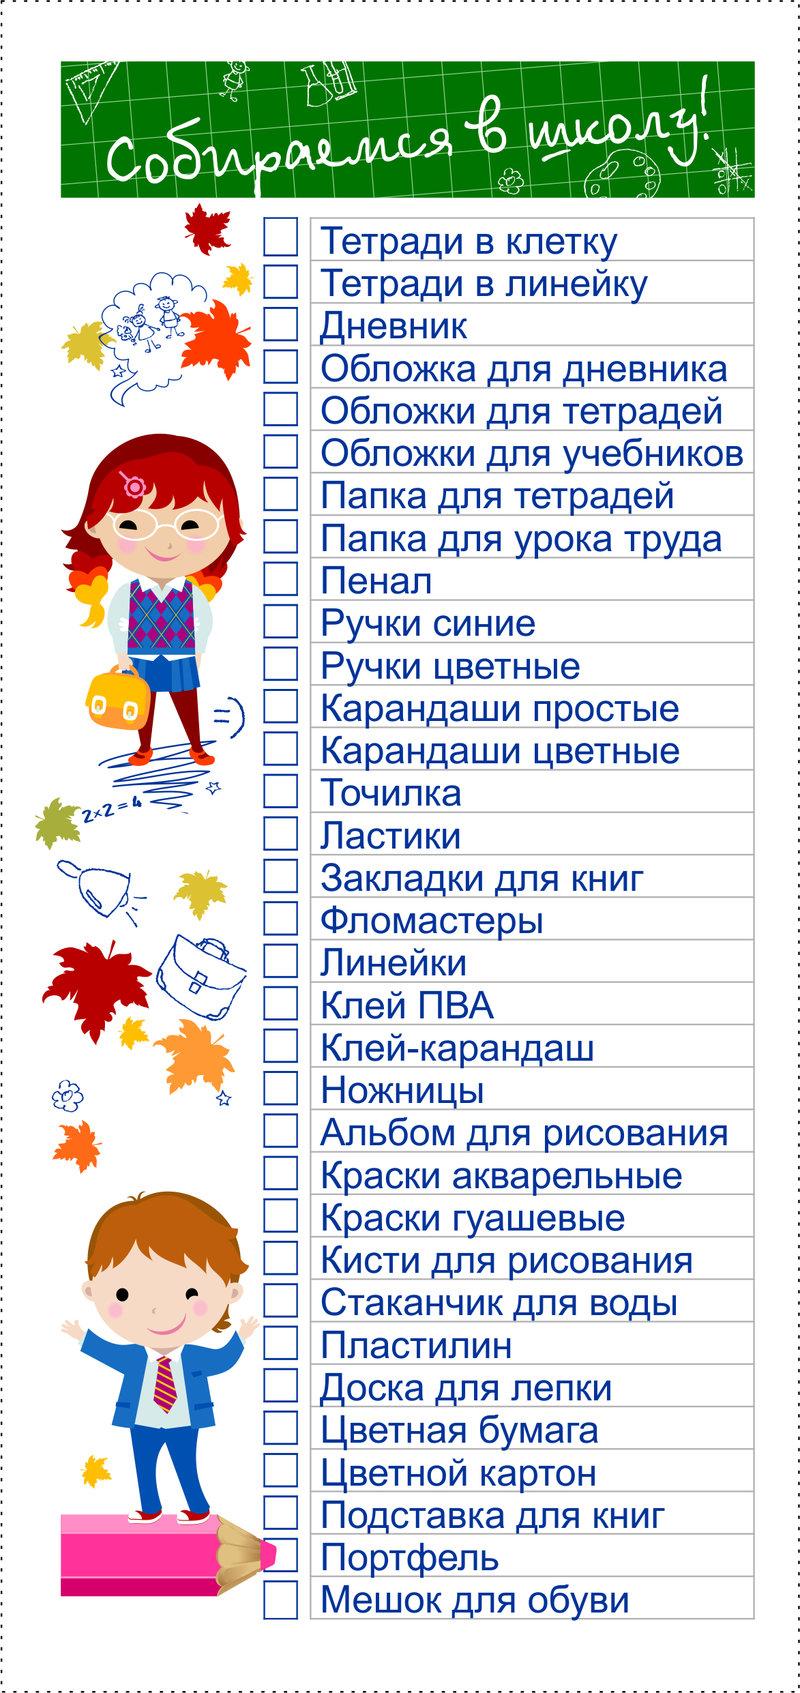 Список канцтоваров для 6 класса в школу